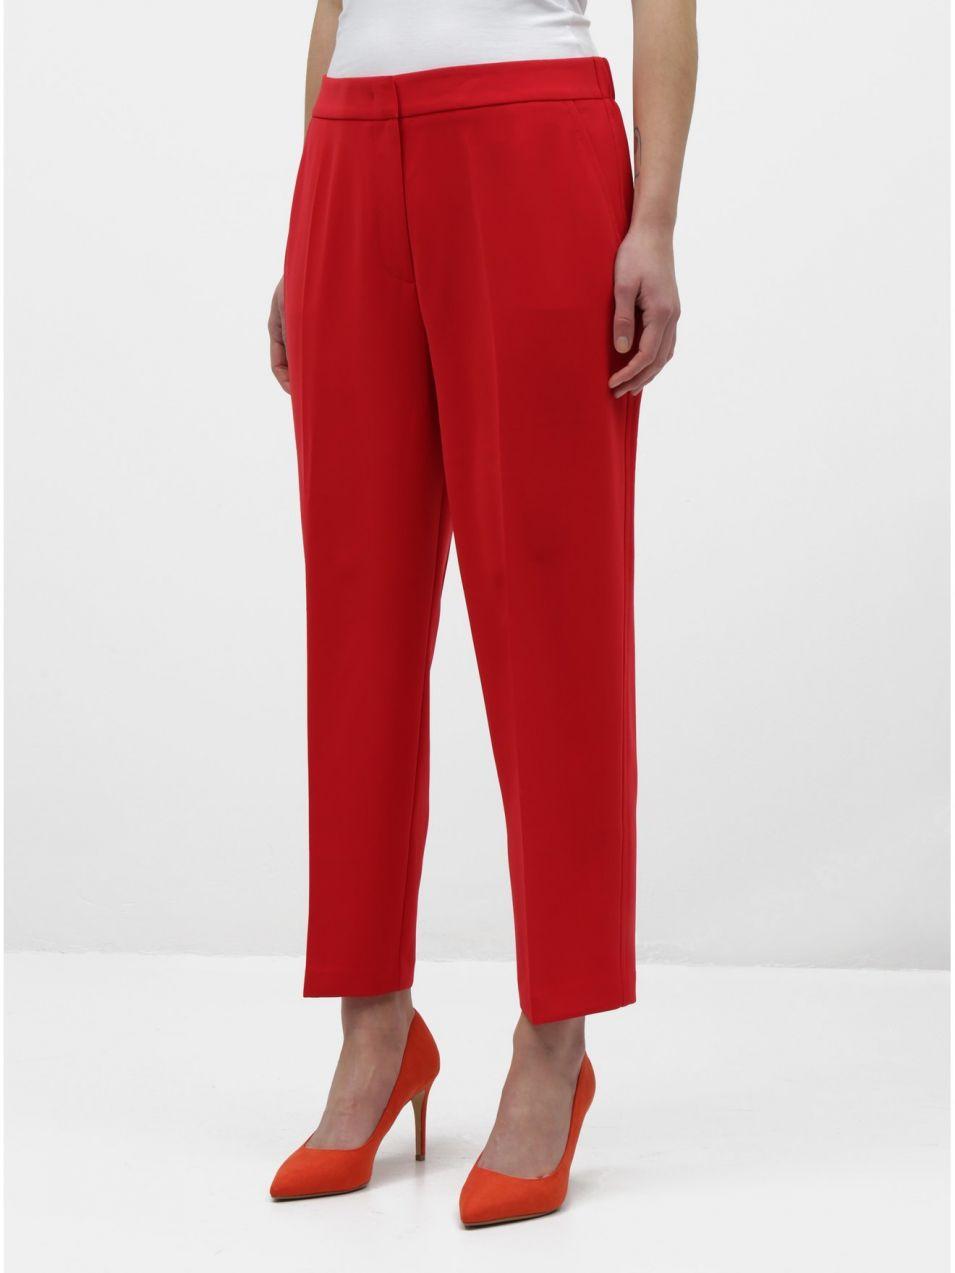 30103f07ed46 Červené dámske nohavice Tommy Hilfiger značky Tommy Hilfiger - Lovely.sk